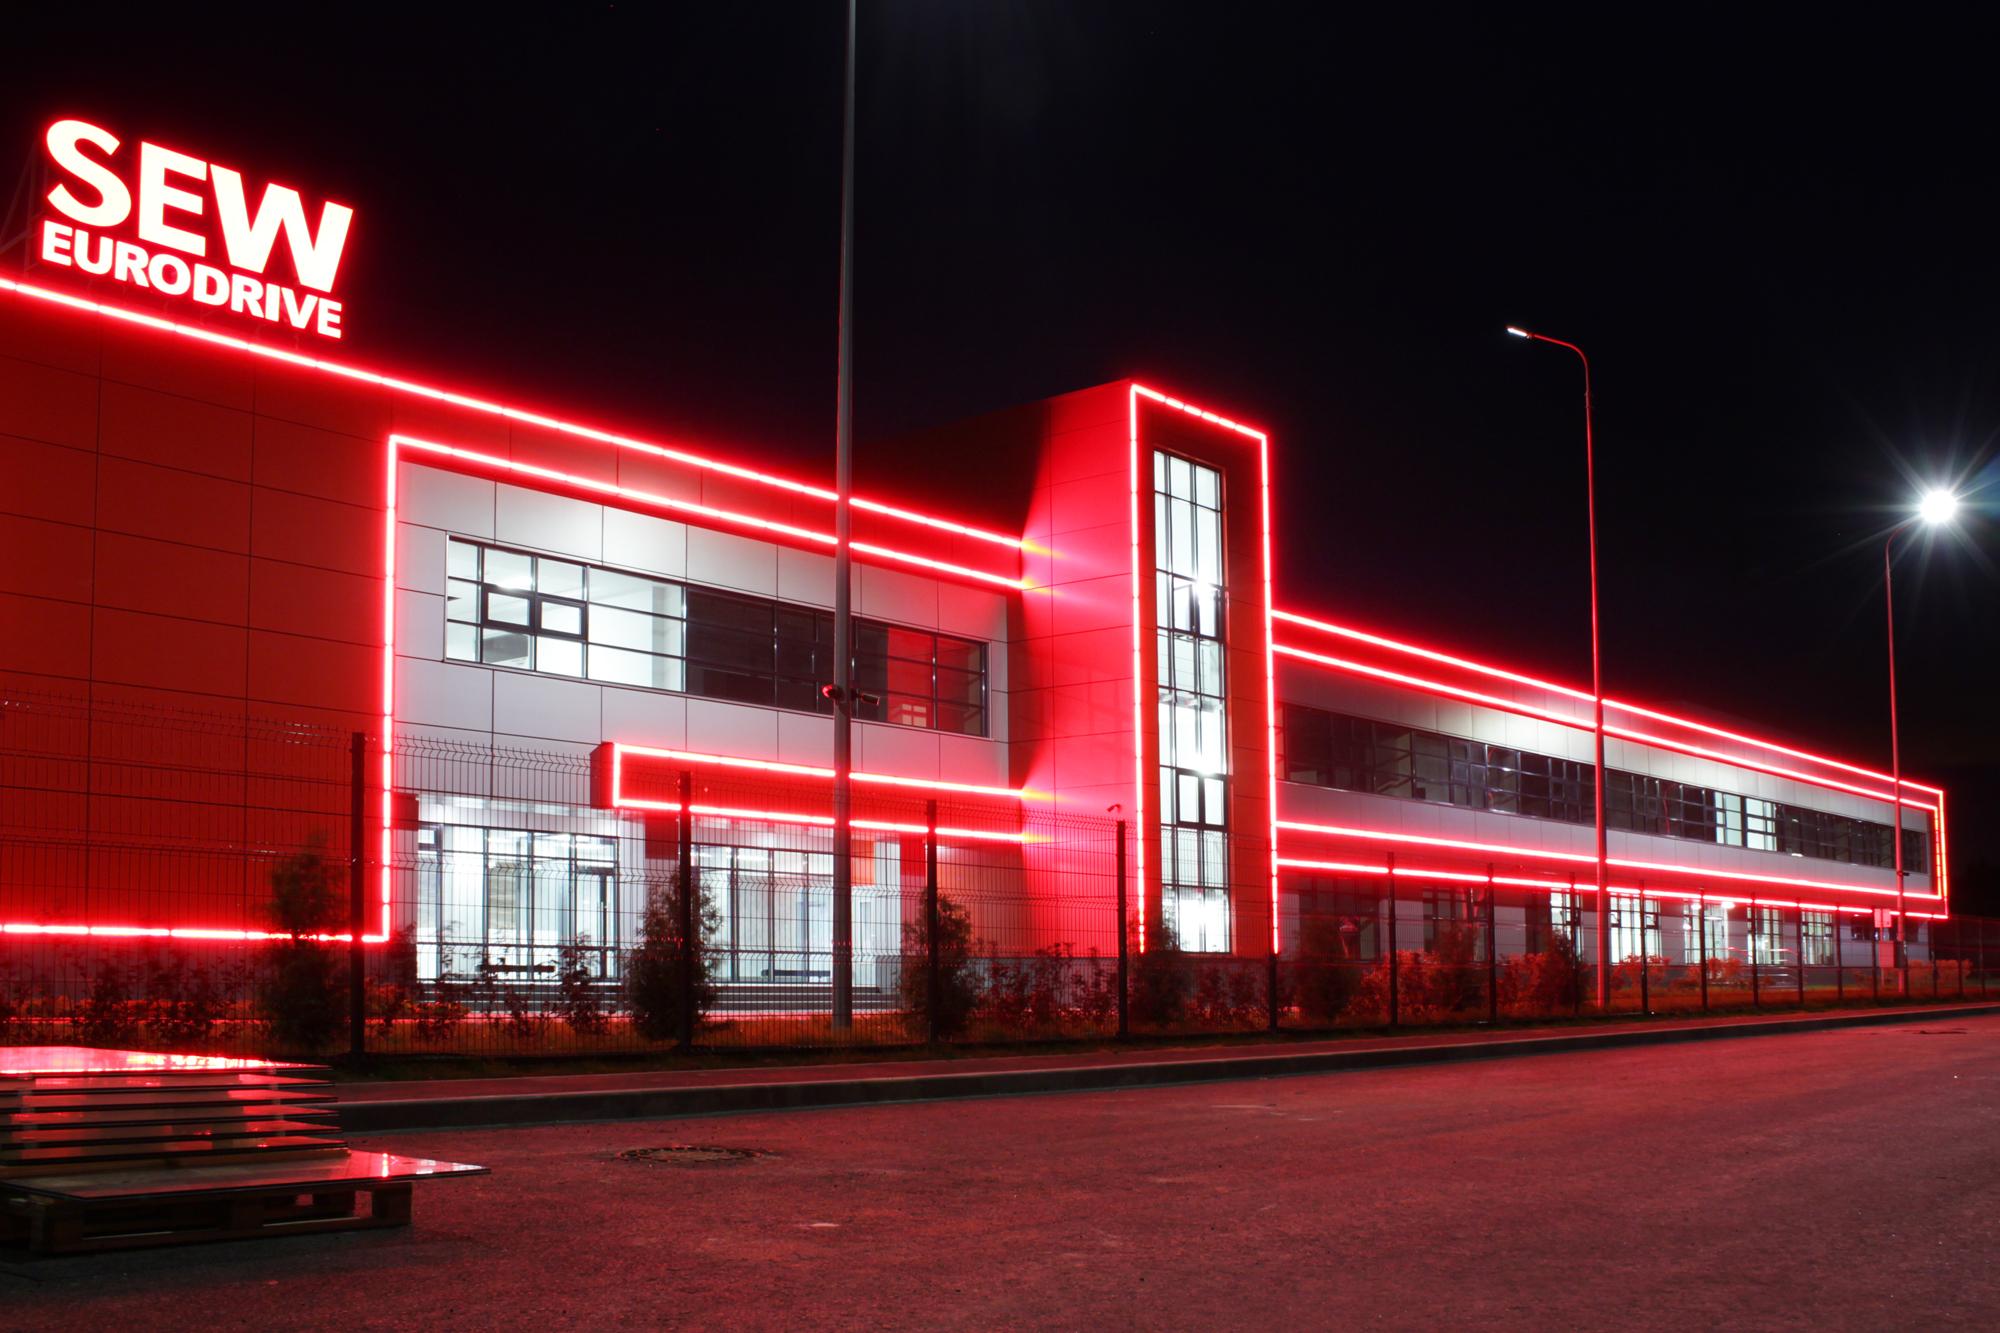 """Освещение фасада """"Центр приводной техники СЕВ-Евродрайв"""""""